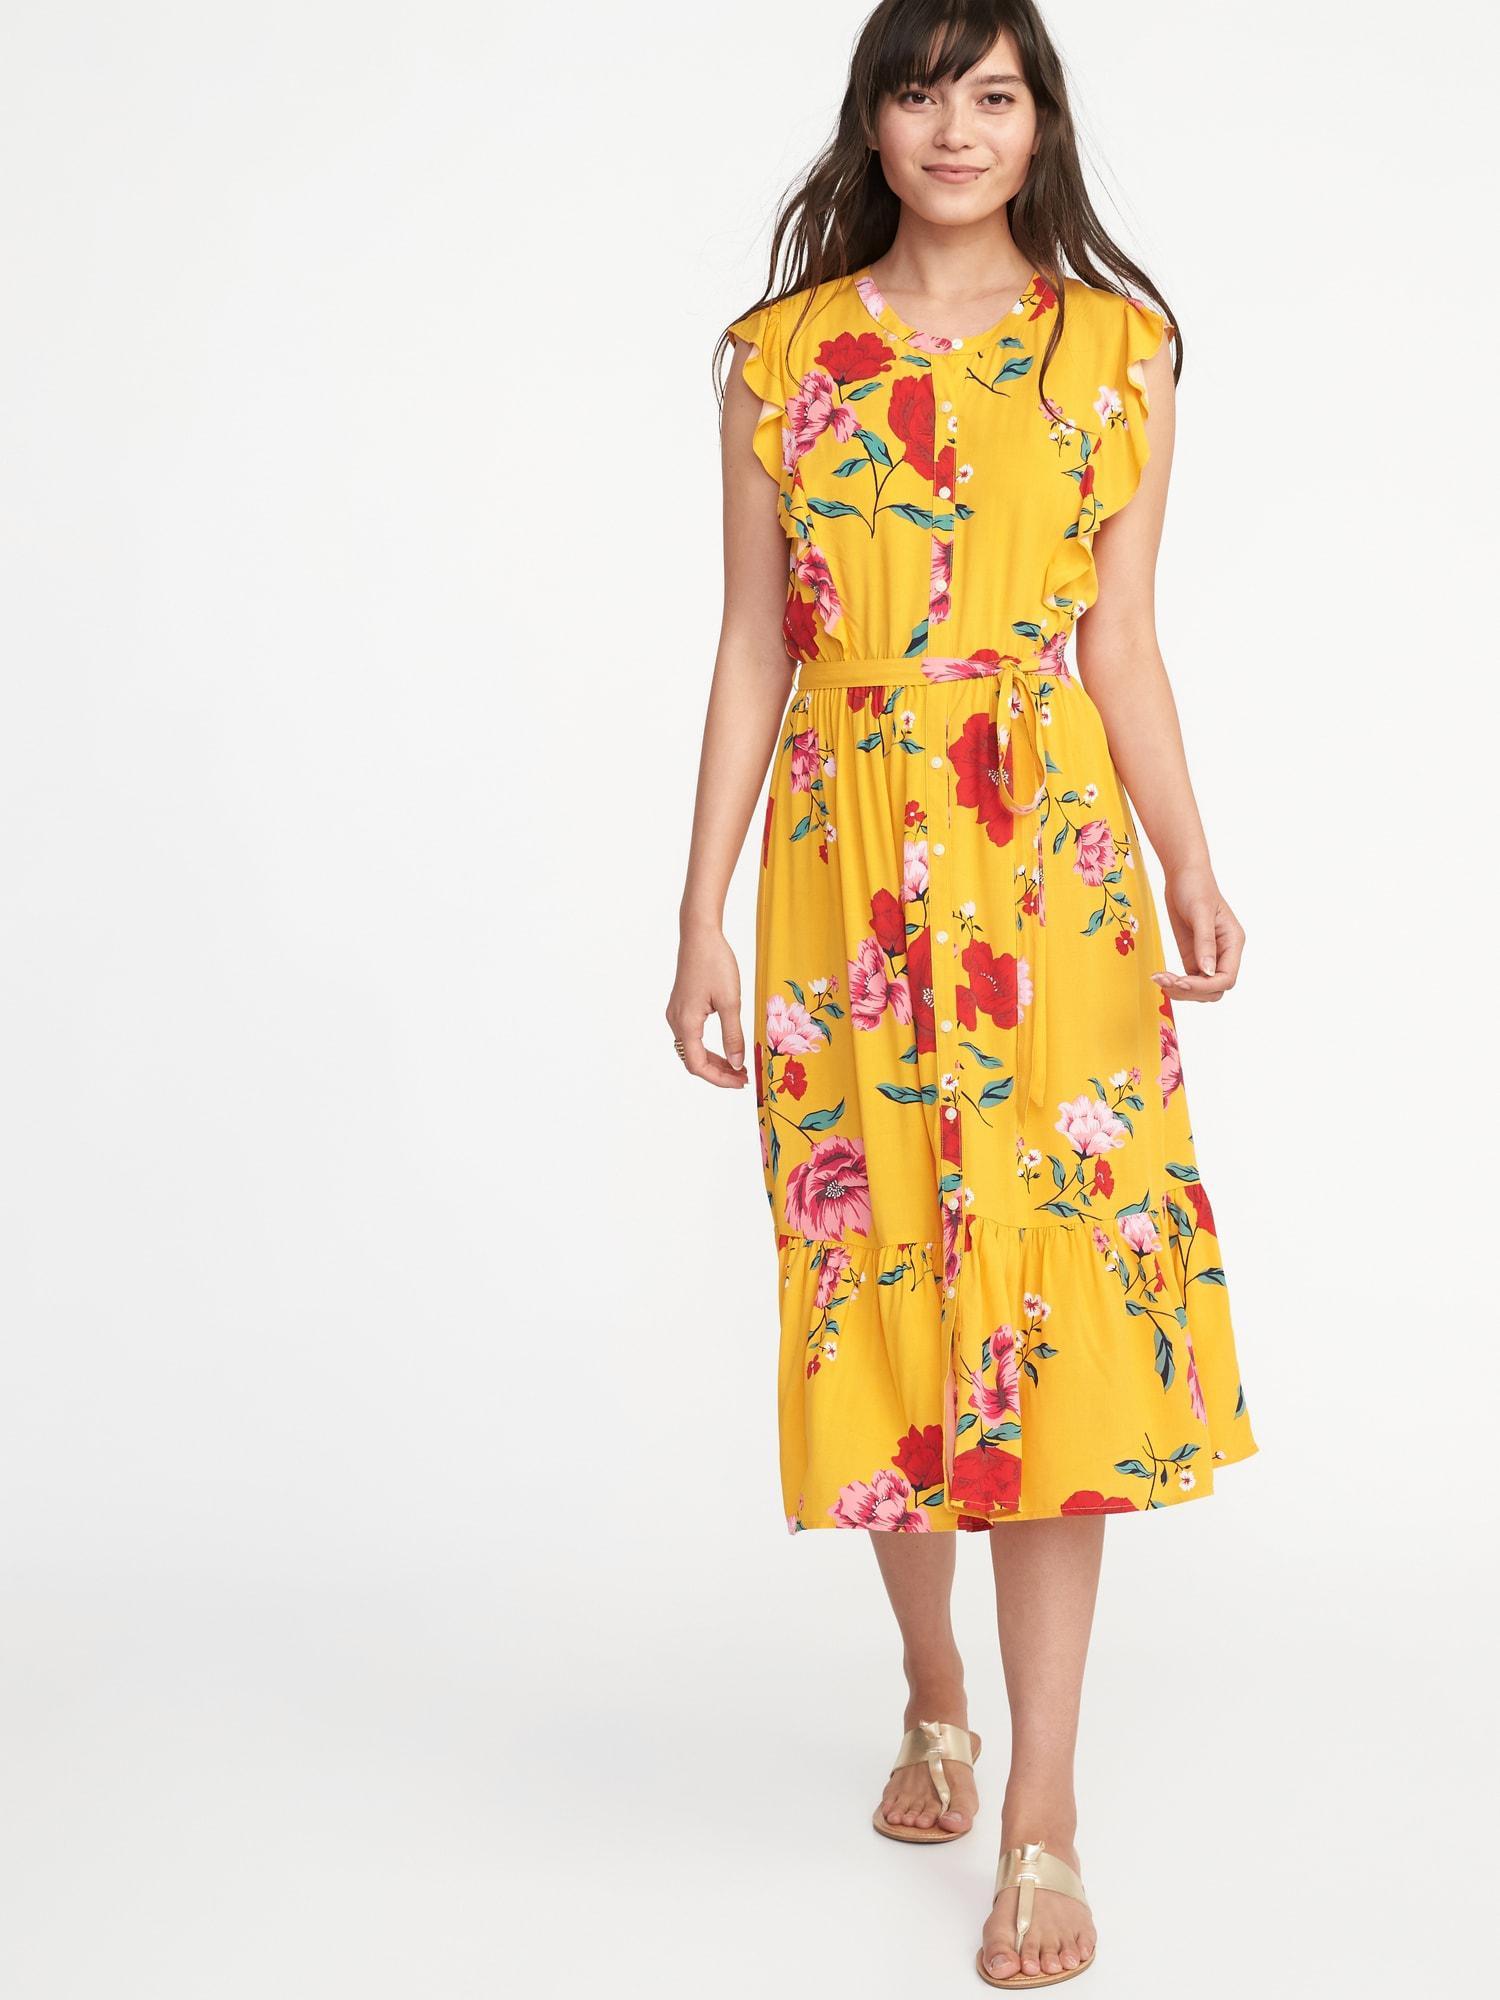 20f90f2d4db08 Old Navy Maternity Dresses Sale